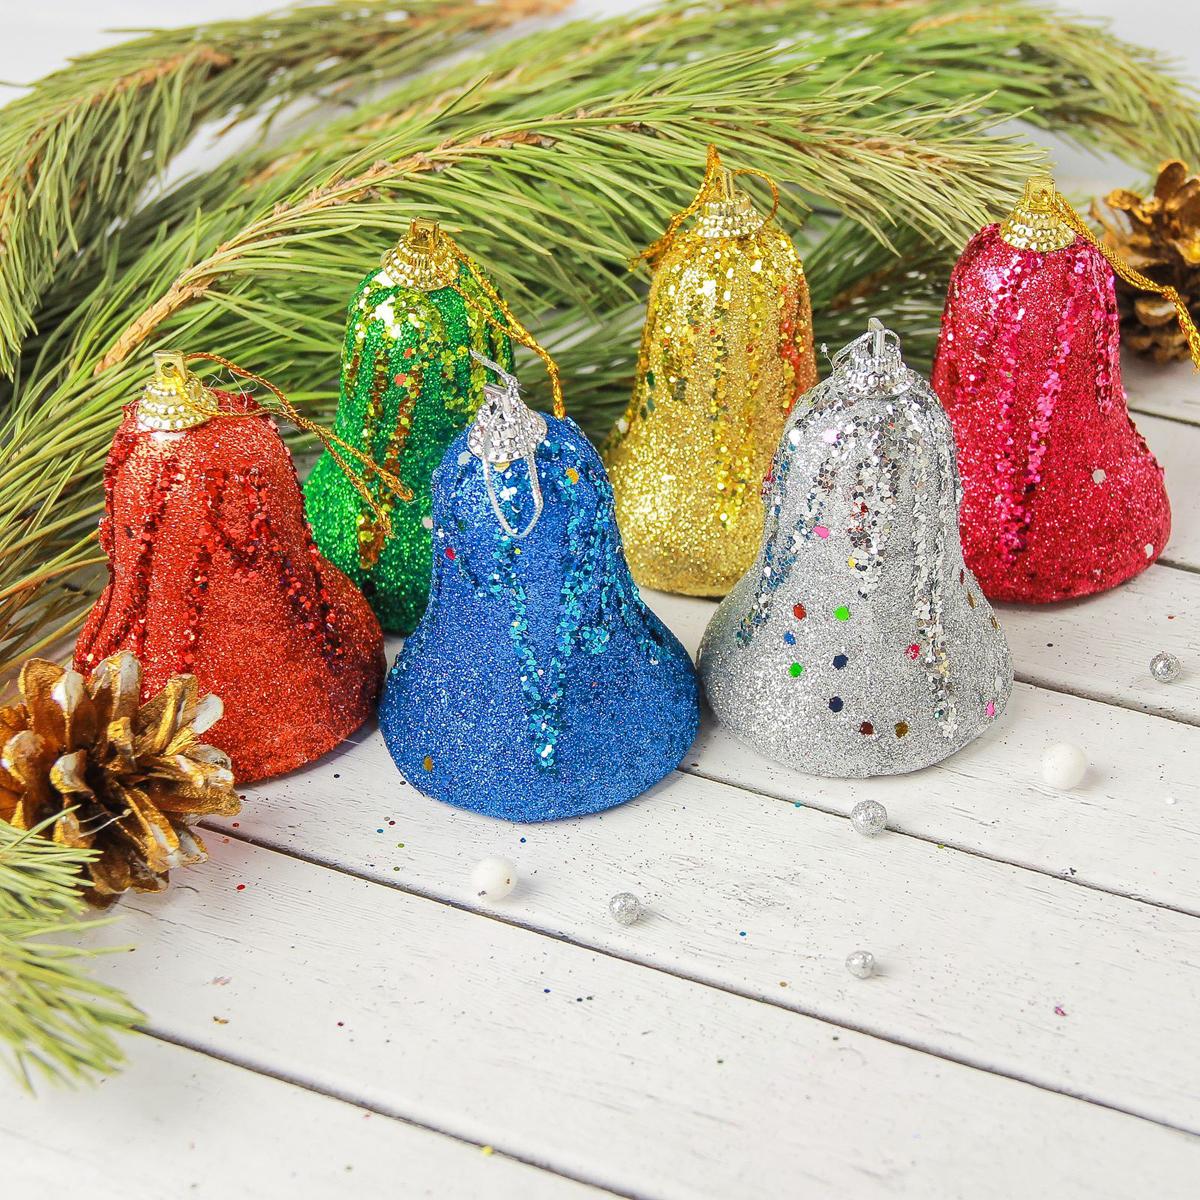 Украшение новогоднее елочное Sima-land Блеск, 5,5 х 6 см, 6 шт2372149Невозможно представить нашу жизнь без праздников! Мы всегда ждём их и предвкушаем, обдумываем, как проведём памятный день, тщательно выбираем подарки и аксессуары, ведь именно они создают и поддерживают торжественный настрой.